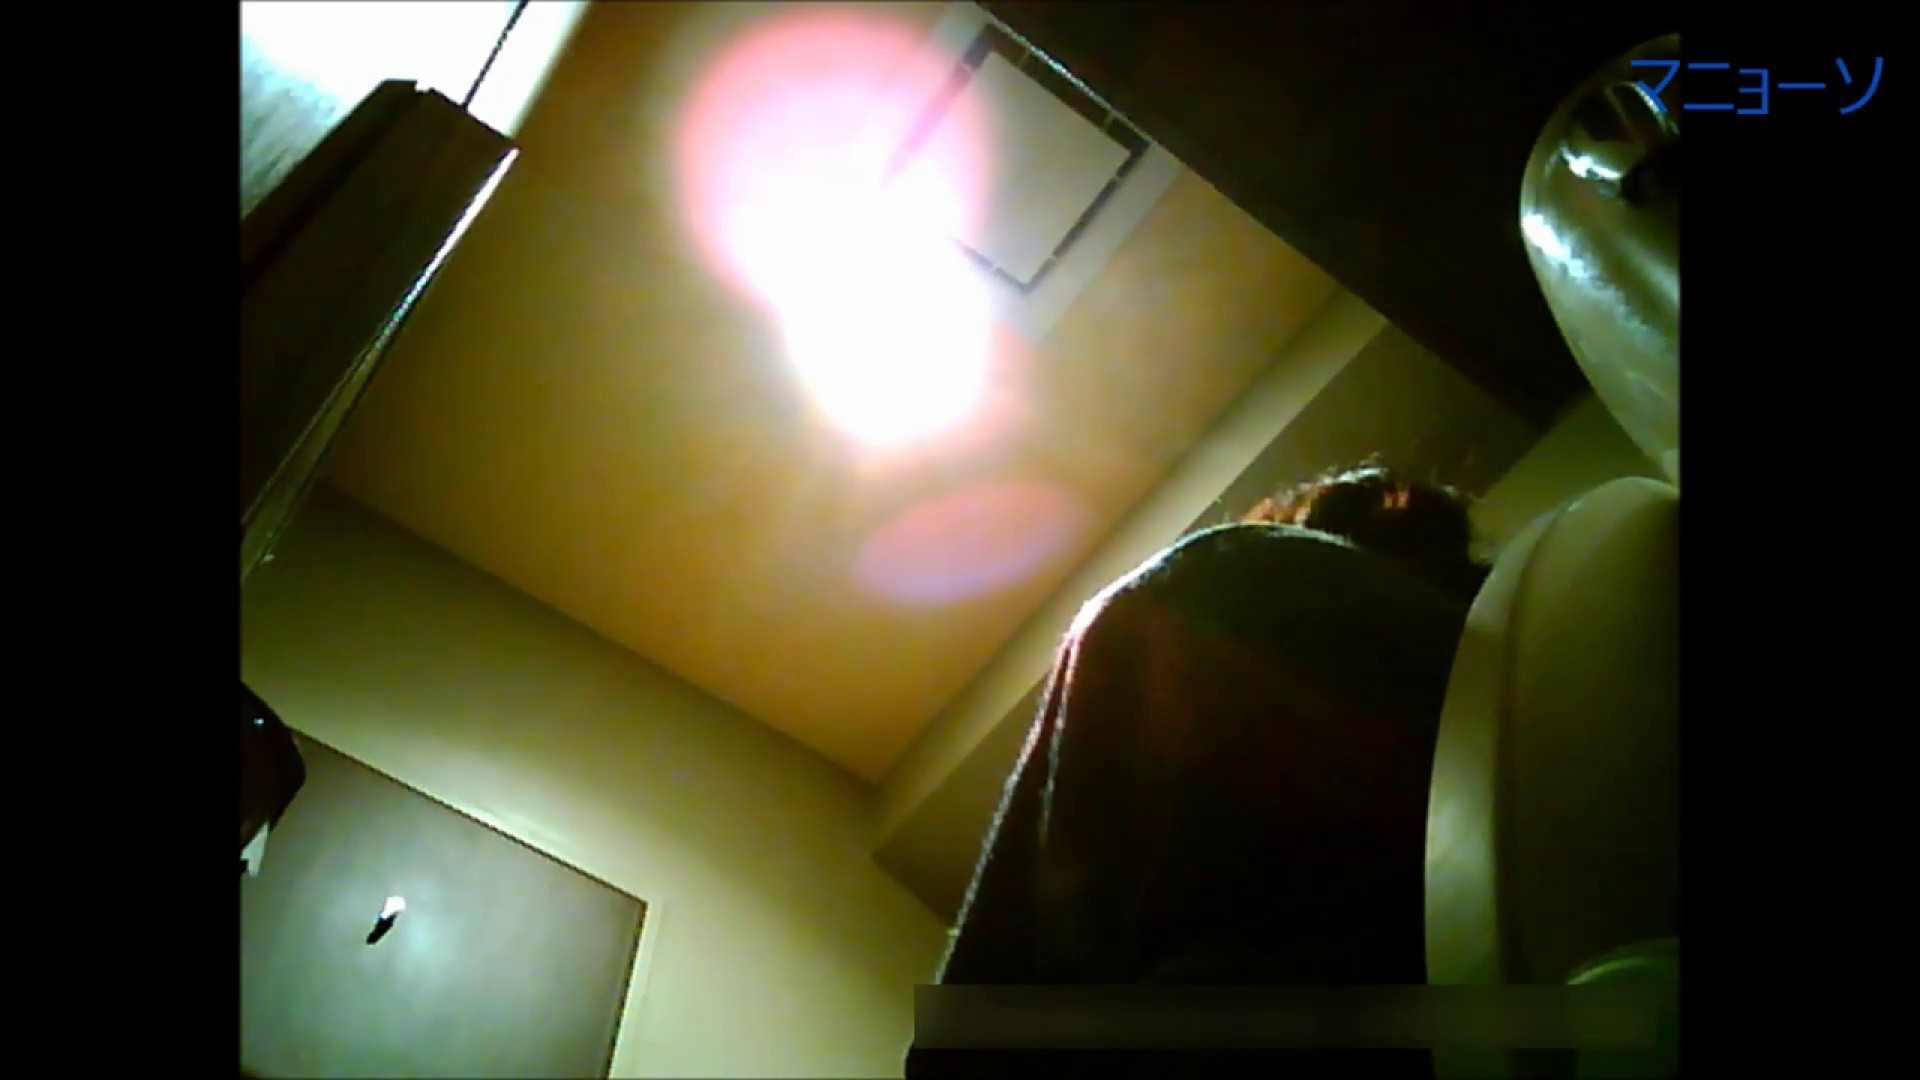 トイレでひと肌脱いでもらいました (JD編)Vol.02 トイレ  80pic 22